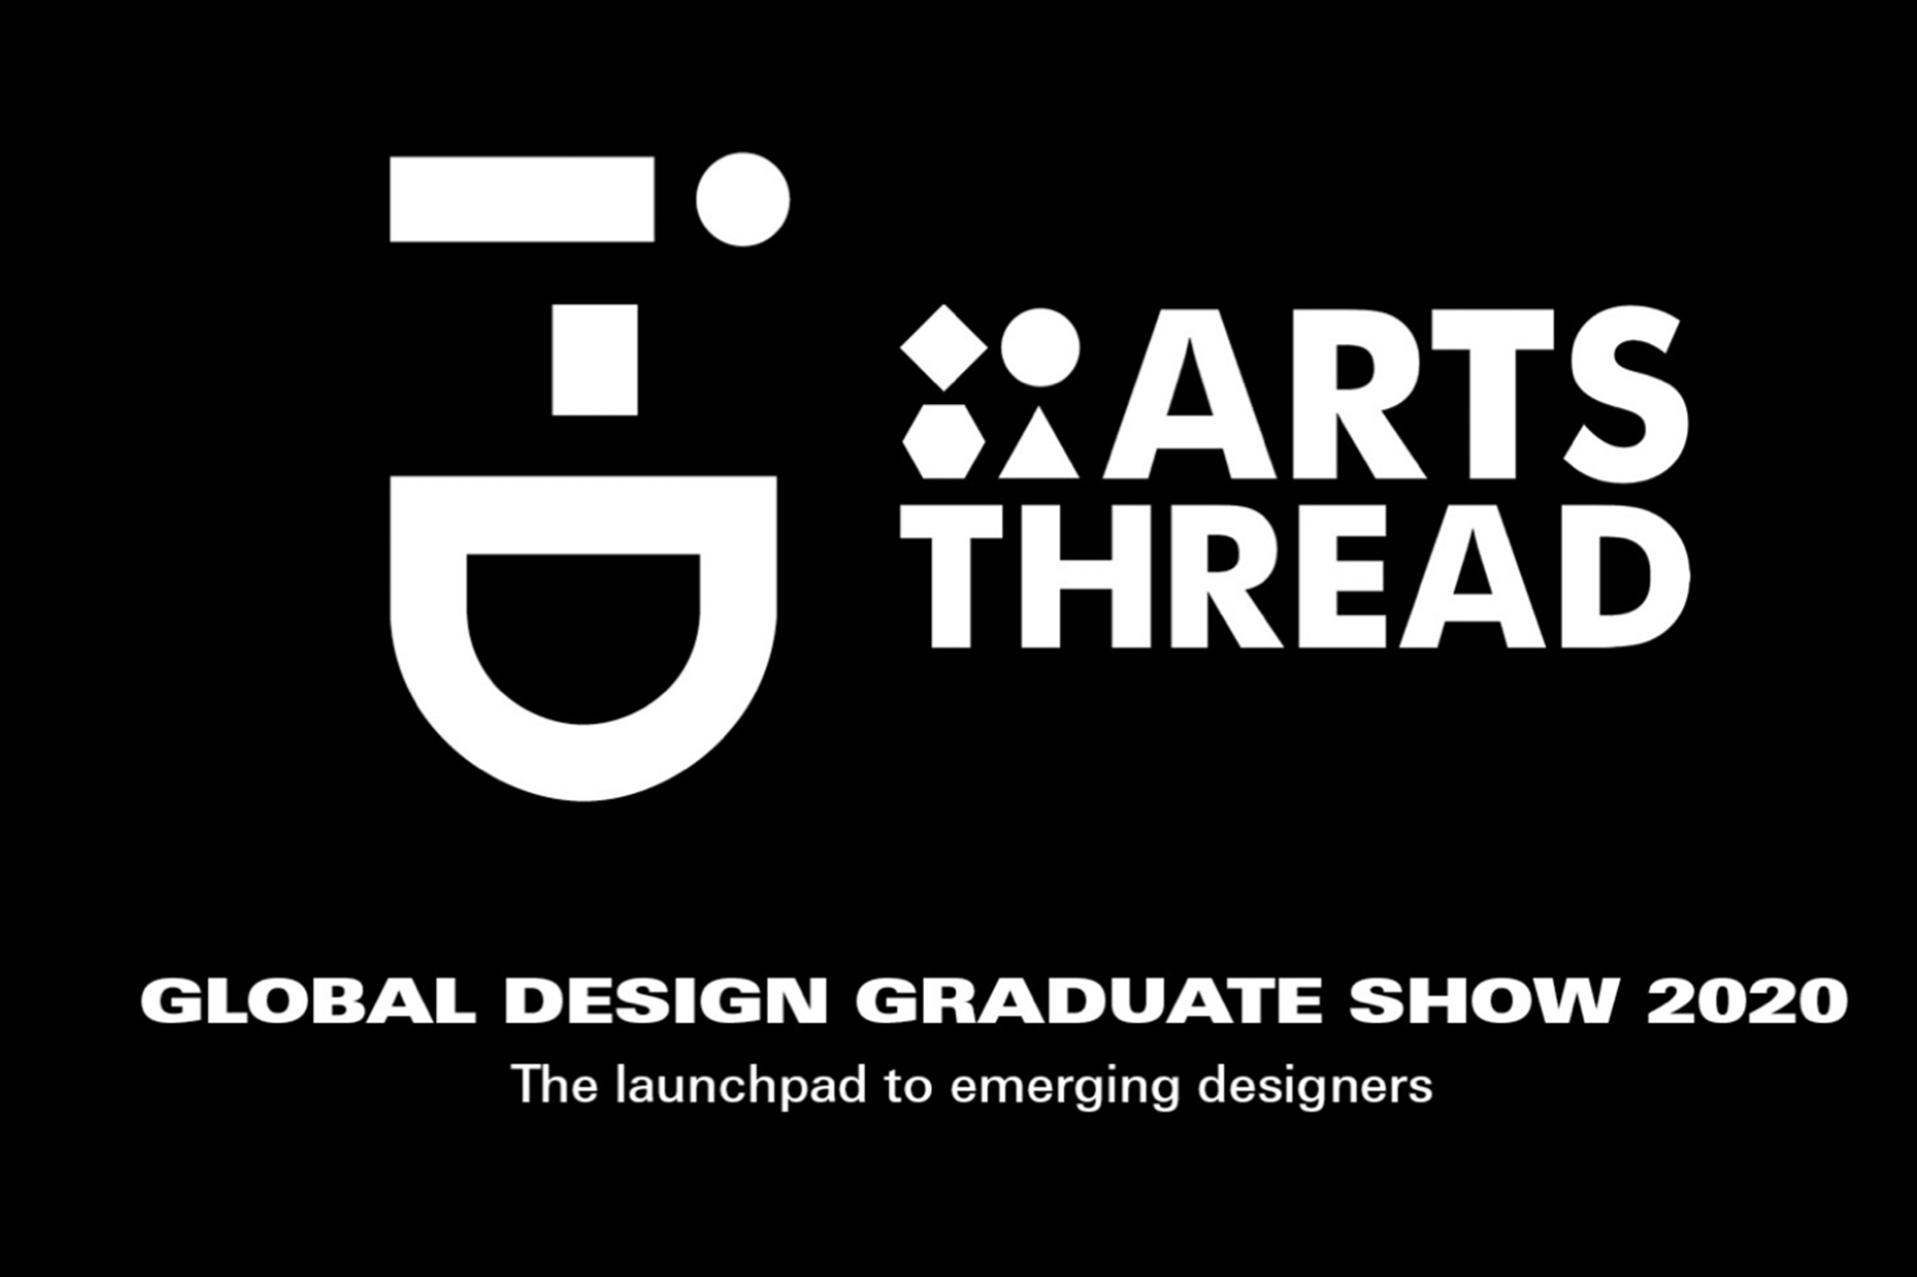 NCAD Design Grad Wins Judges Vote at the ARTSTHREAD i-D Global Graduate Awards 2020